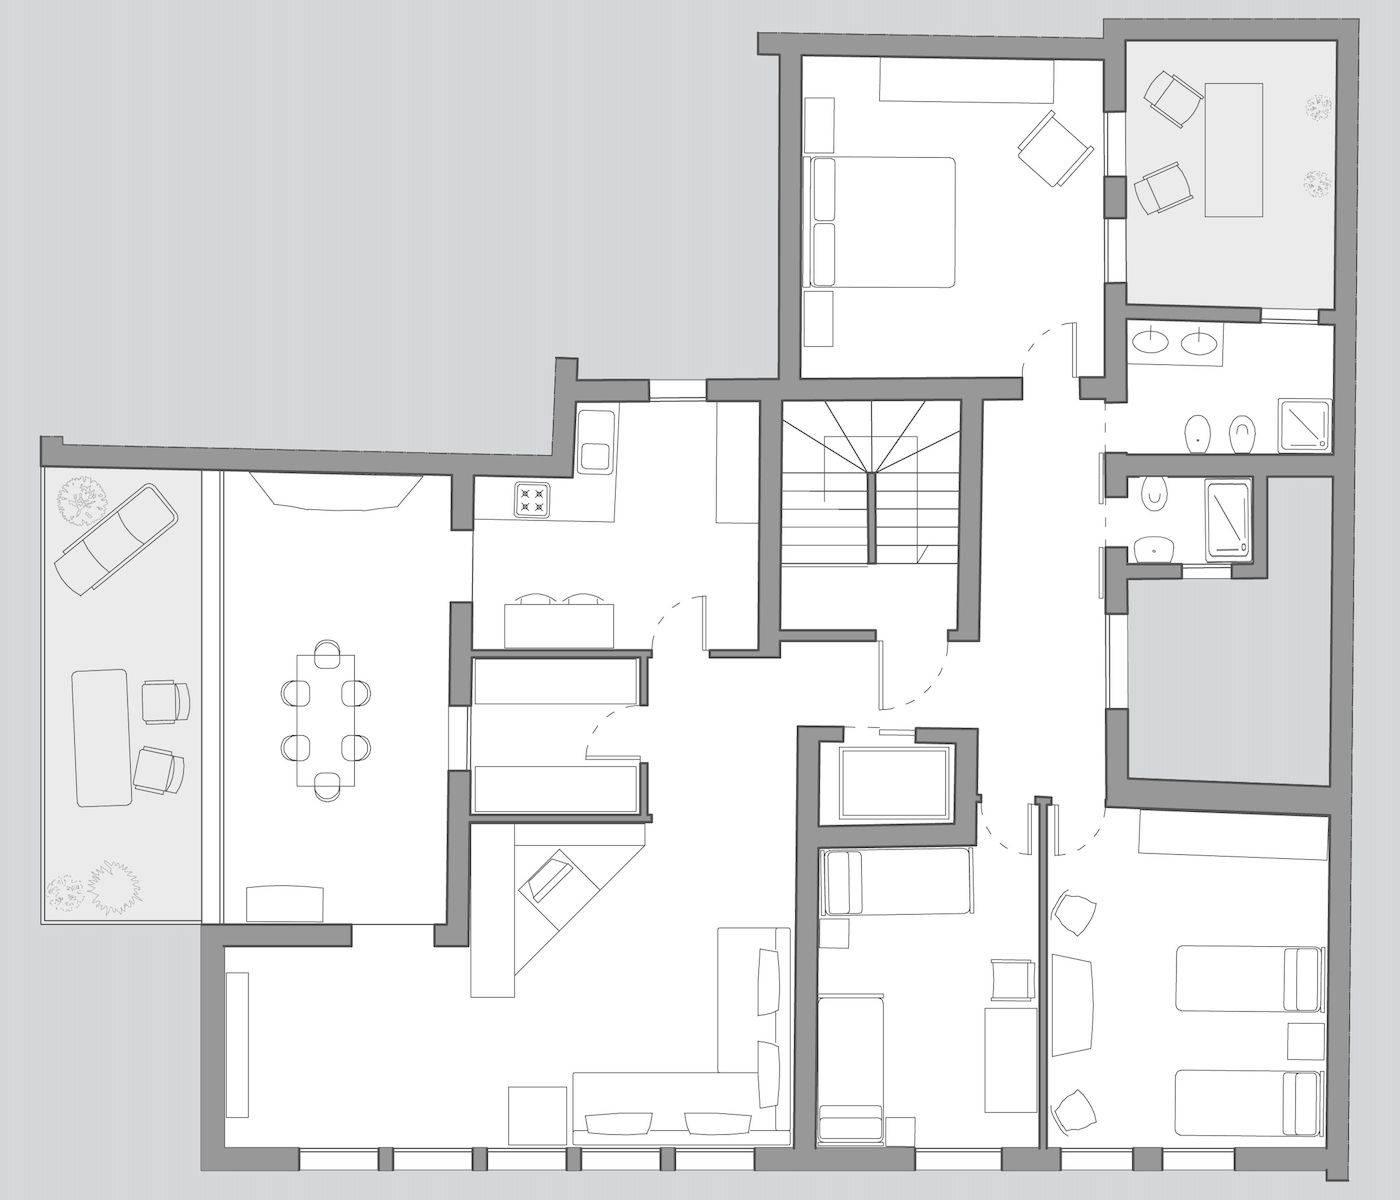 Cà Pesaro Terrace floor plan